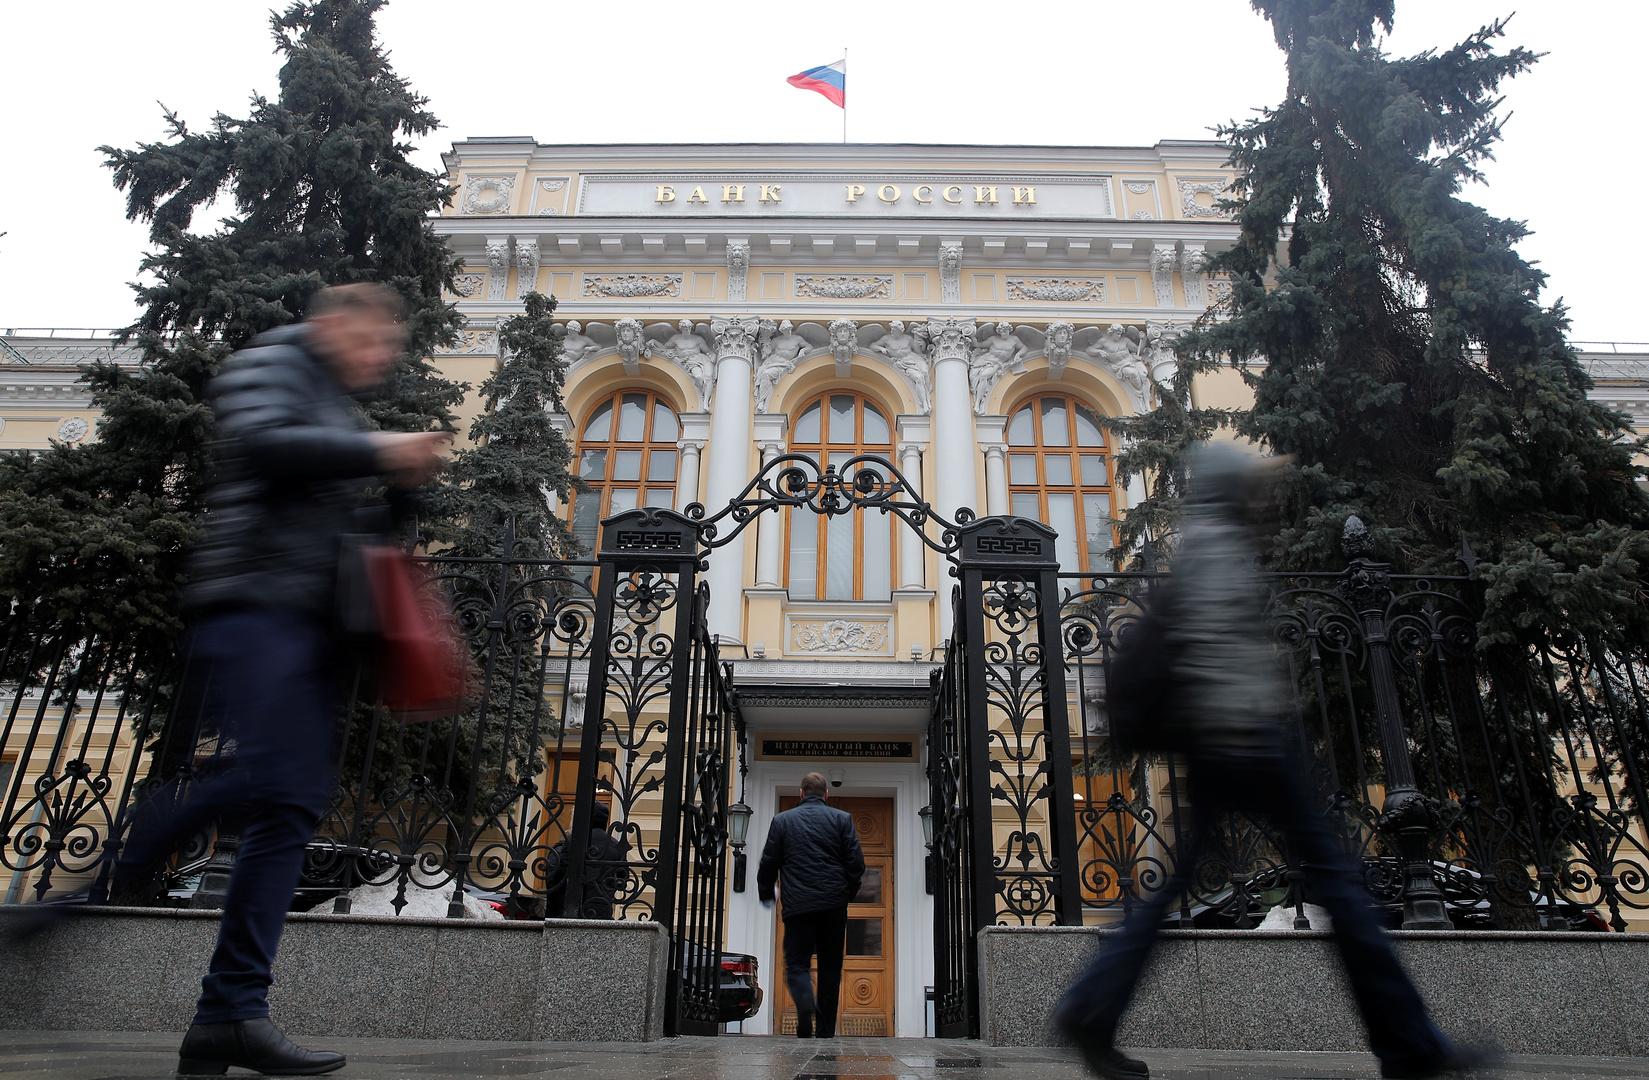 للمرة الثانية على التوالي ، يرفع البنك المركزي الروسي أسعار الفائدة الرئيسية